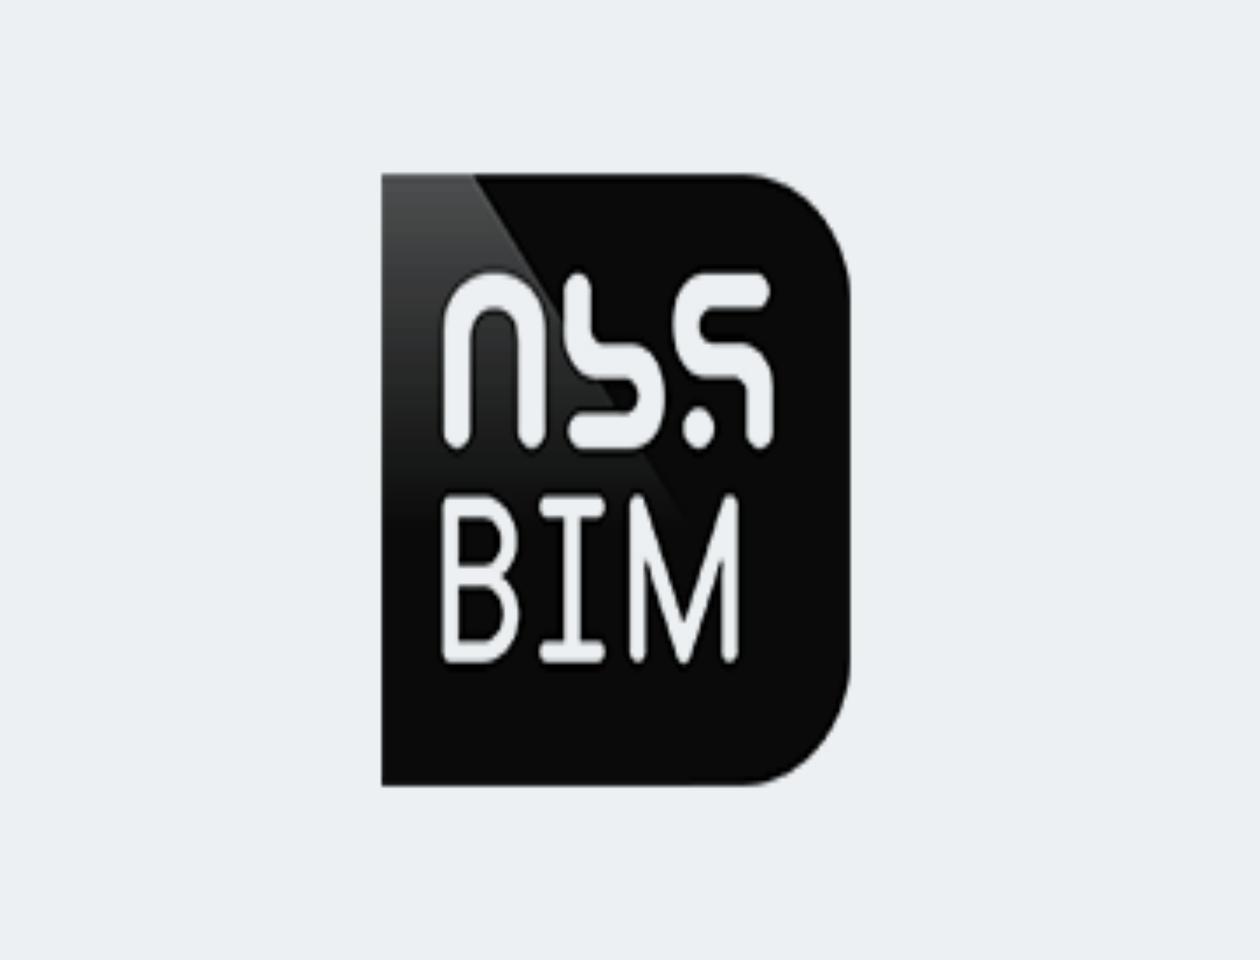 NBS BIM